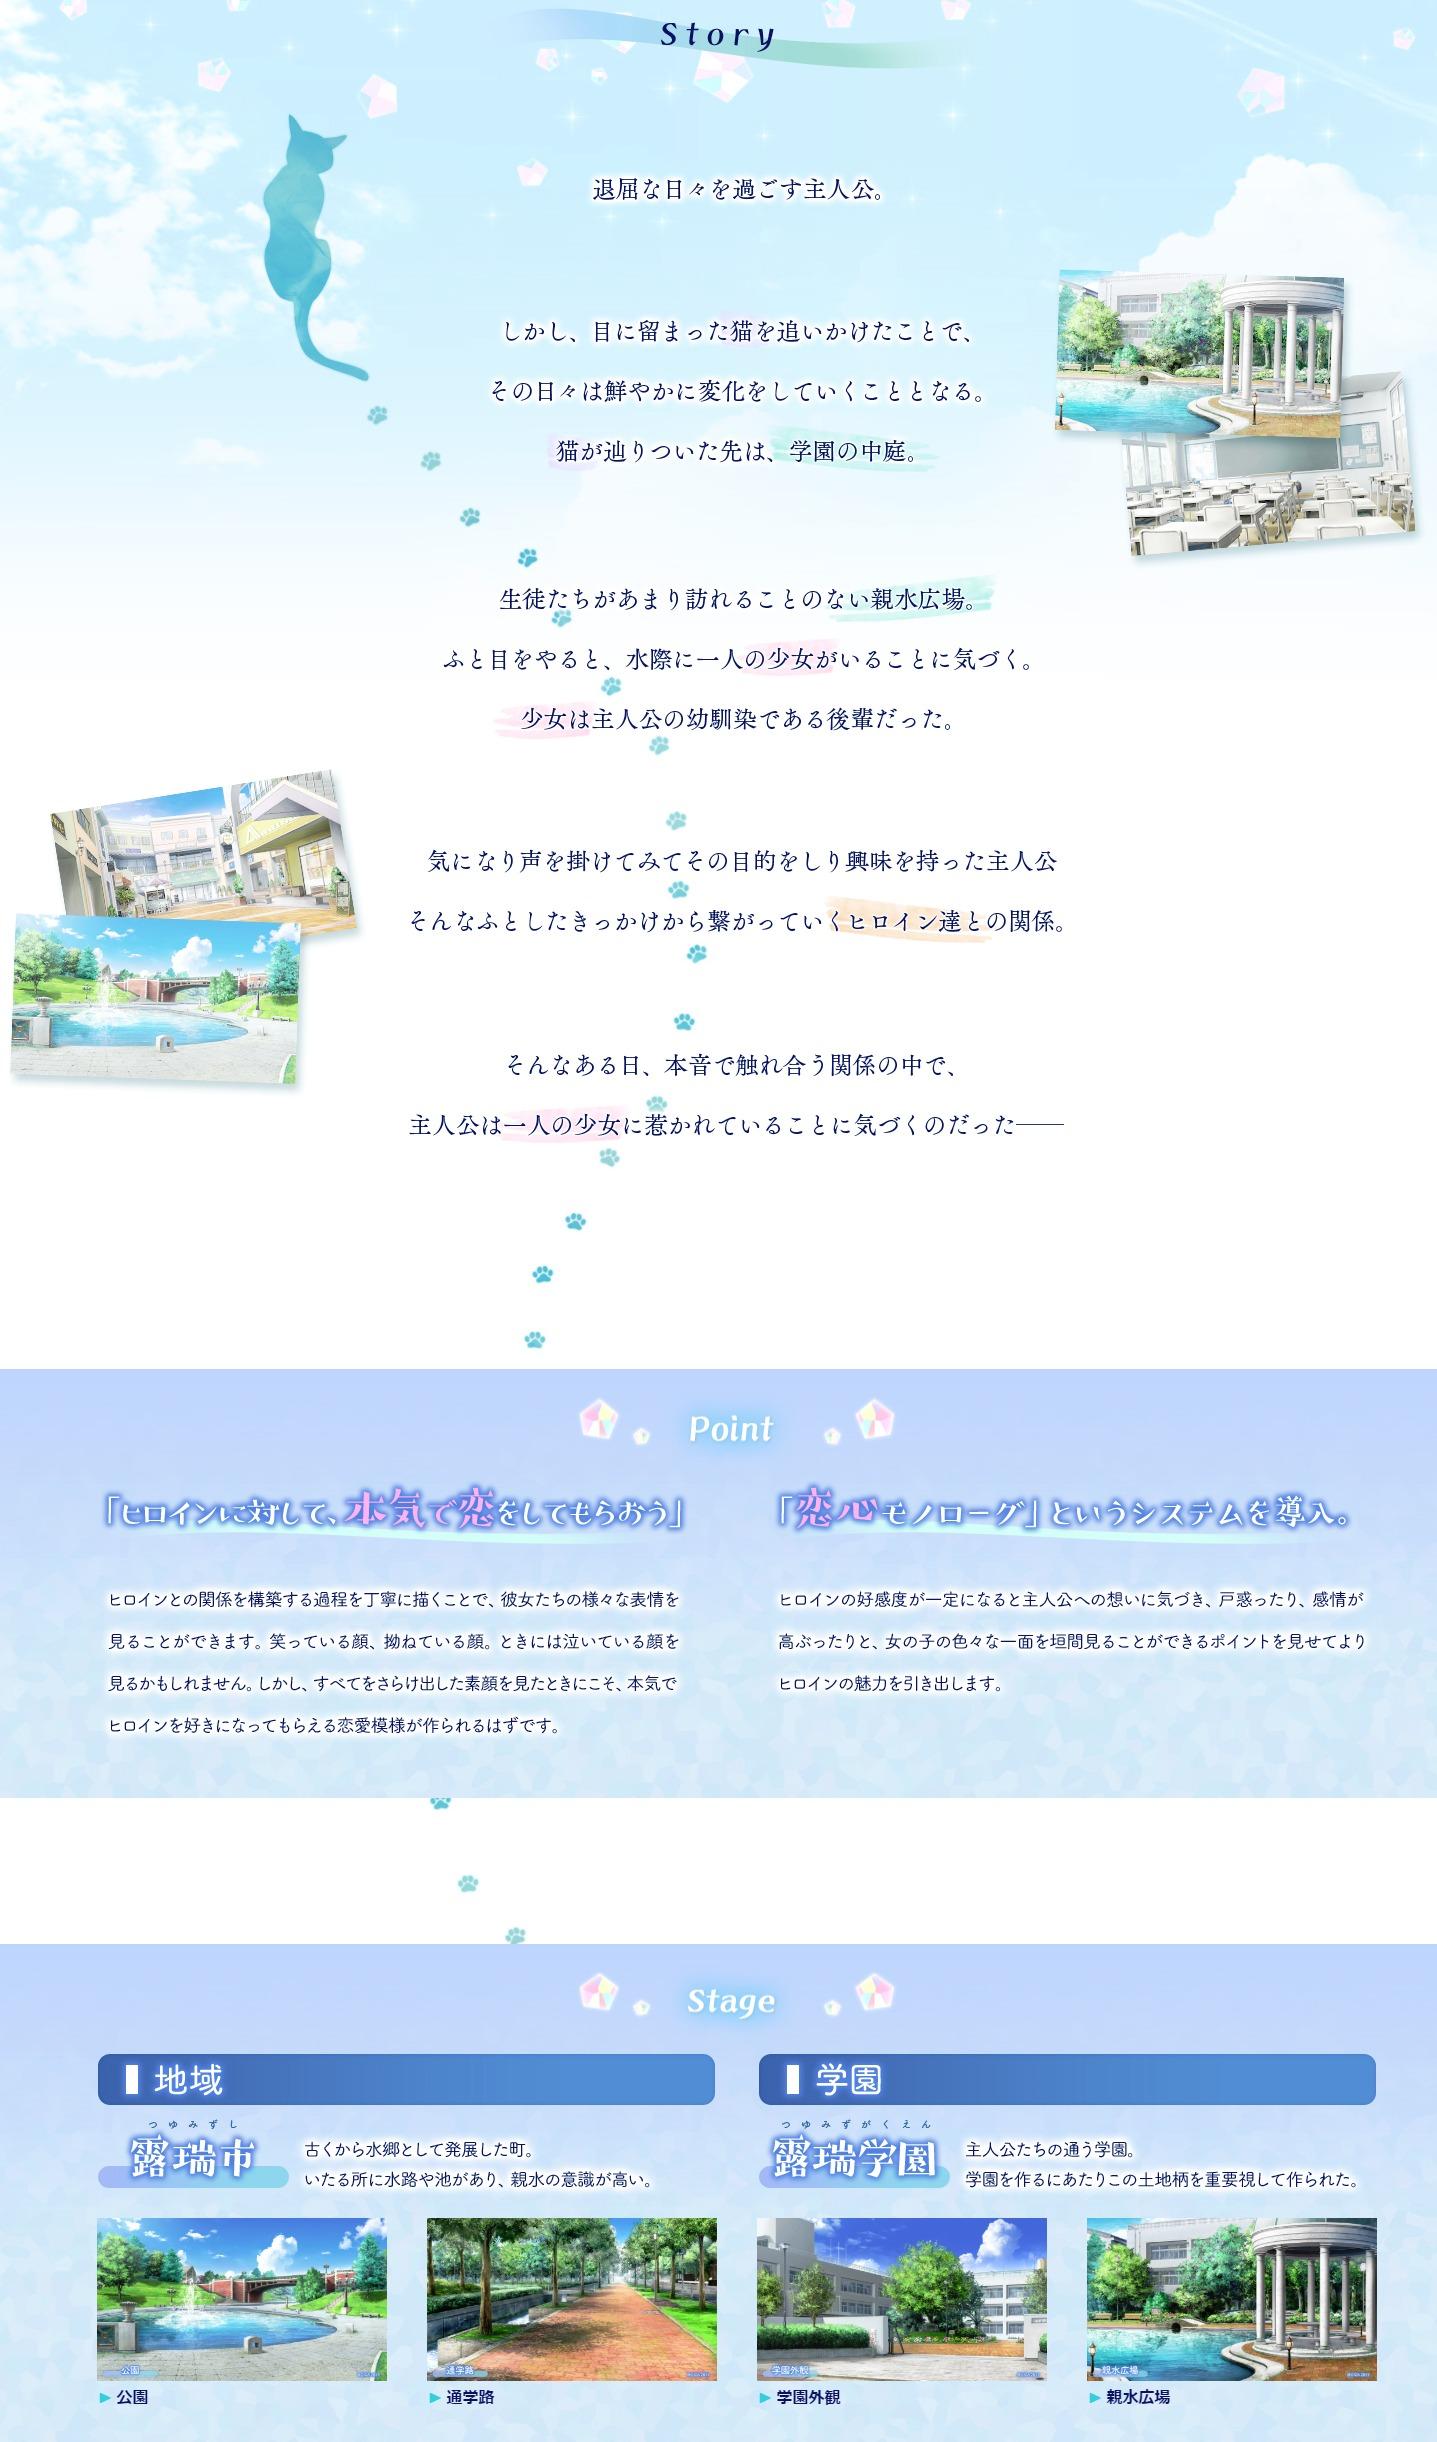 戯画『love clear ラブクリア 』 Official Website |ポイント